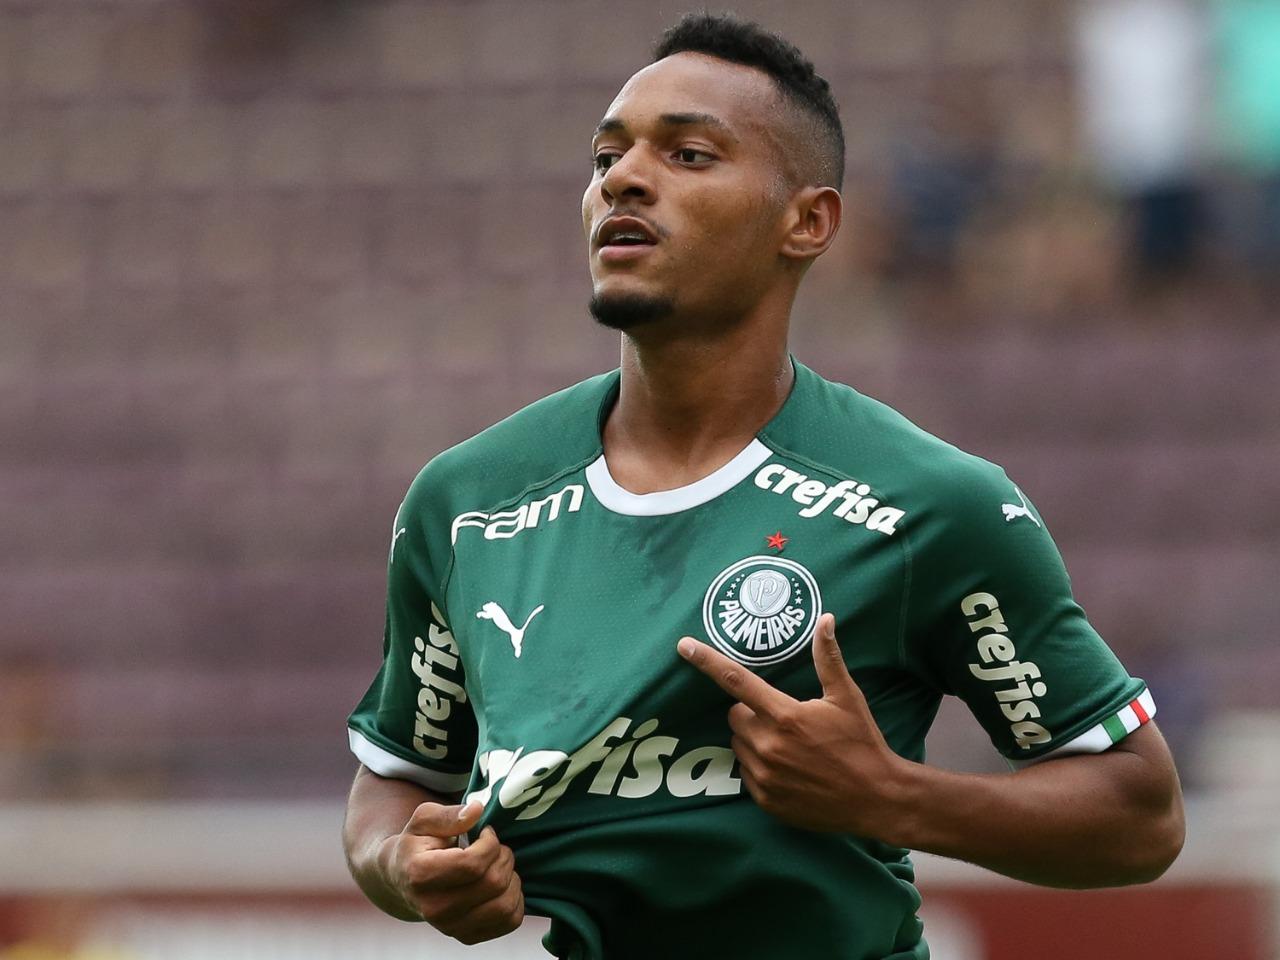 Fabio Menotti/Ag. Palmeiras/Divulgação_Fabrício é o artilheiro do Palmeiras na Copinha, com dois gols